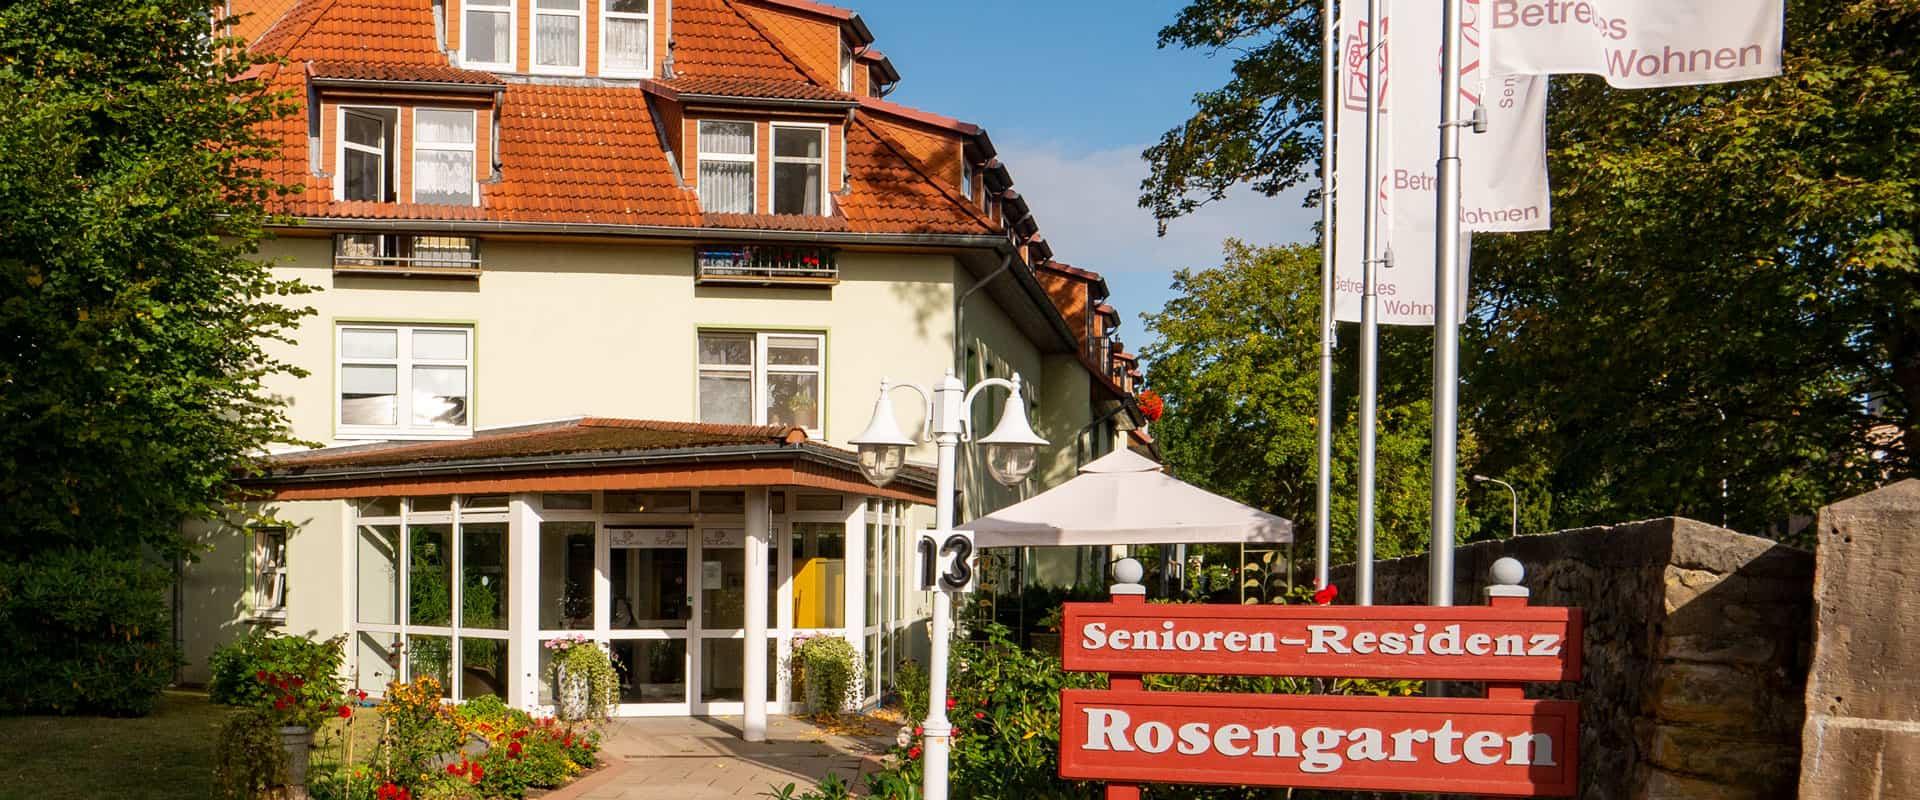 Seniorenresidenz Bückeburg - Ihre Wohnanlage im Schaumburger Land